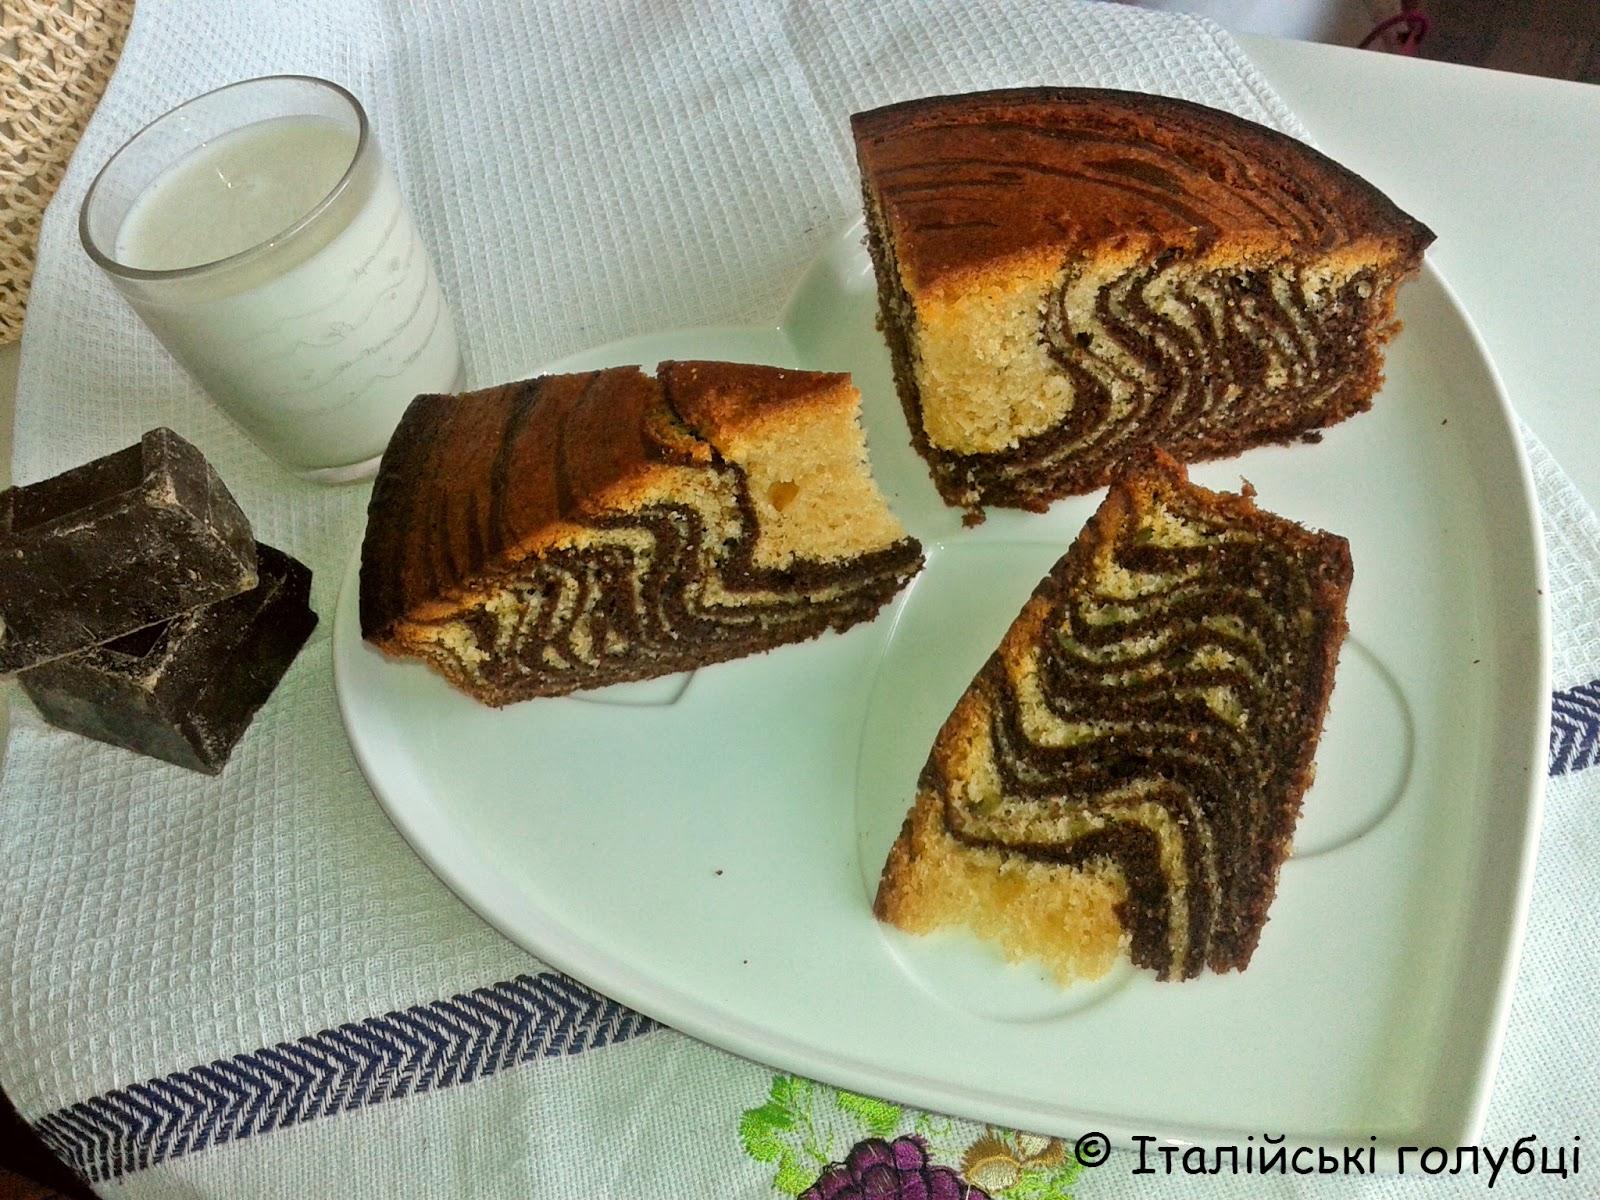 Кекс зебра рецепт пошагово в домашних условиях в духовке